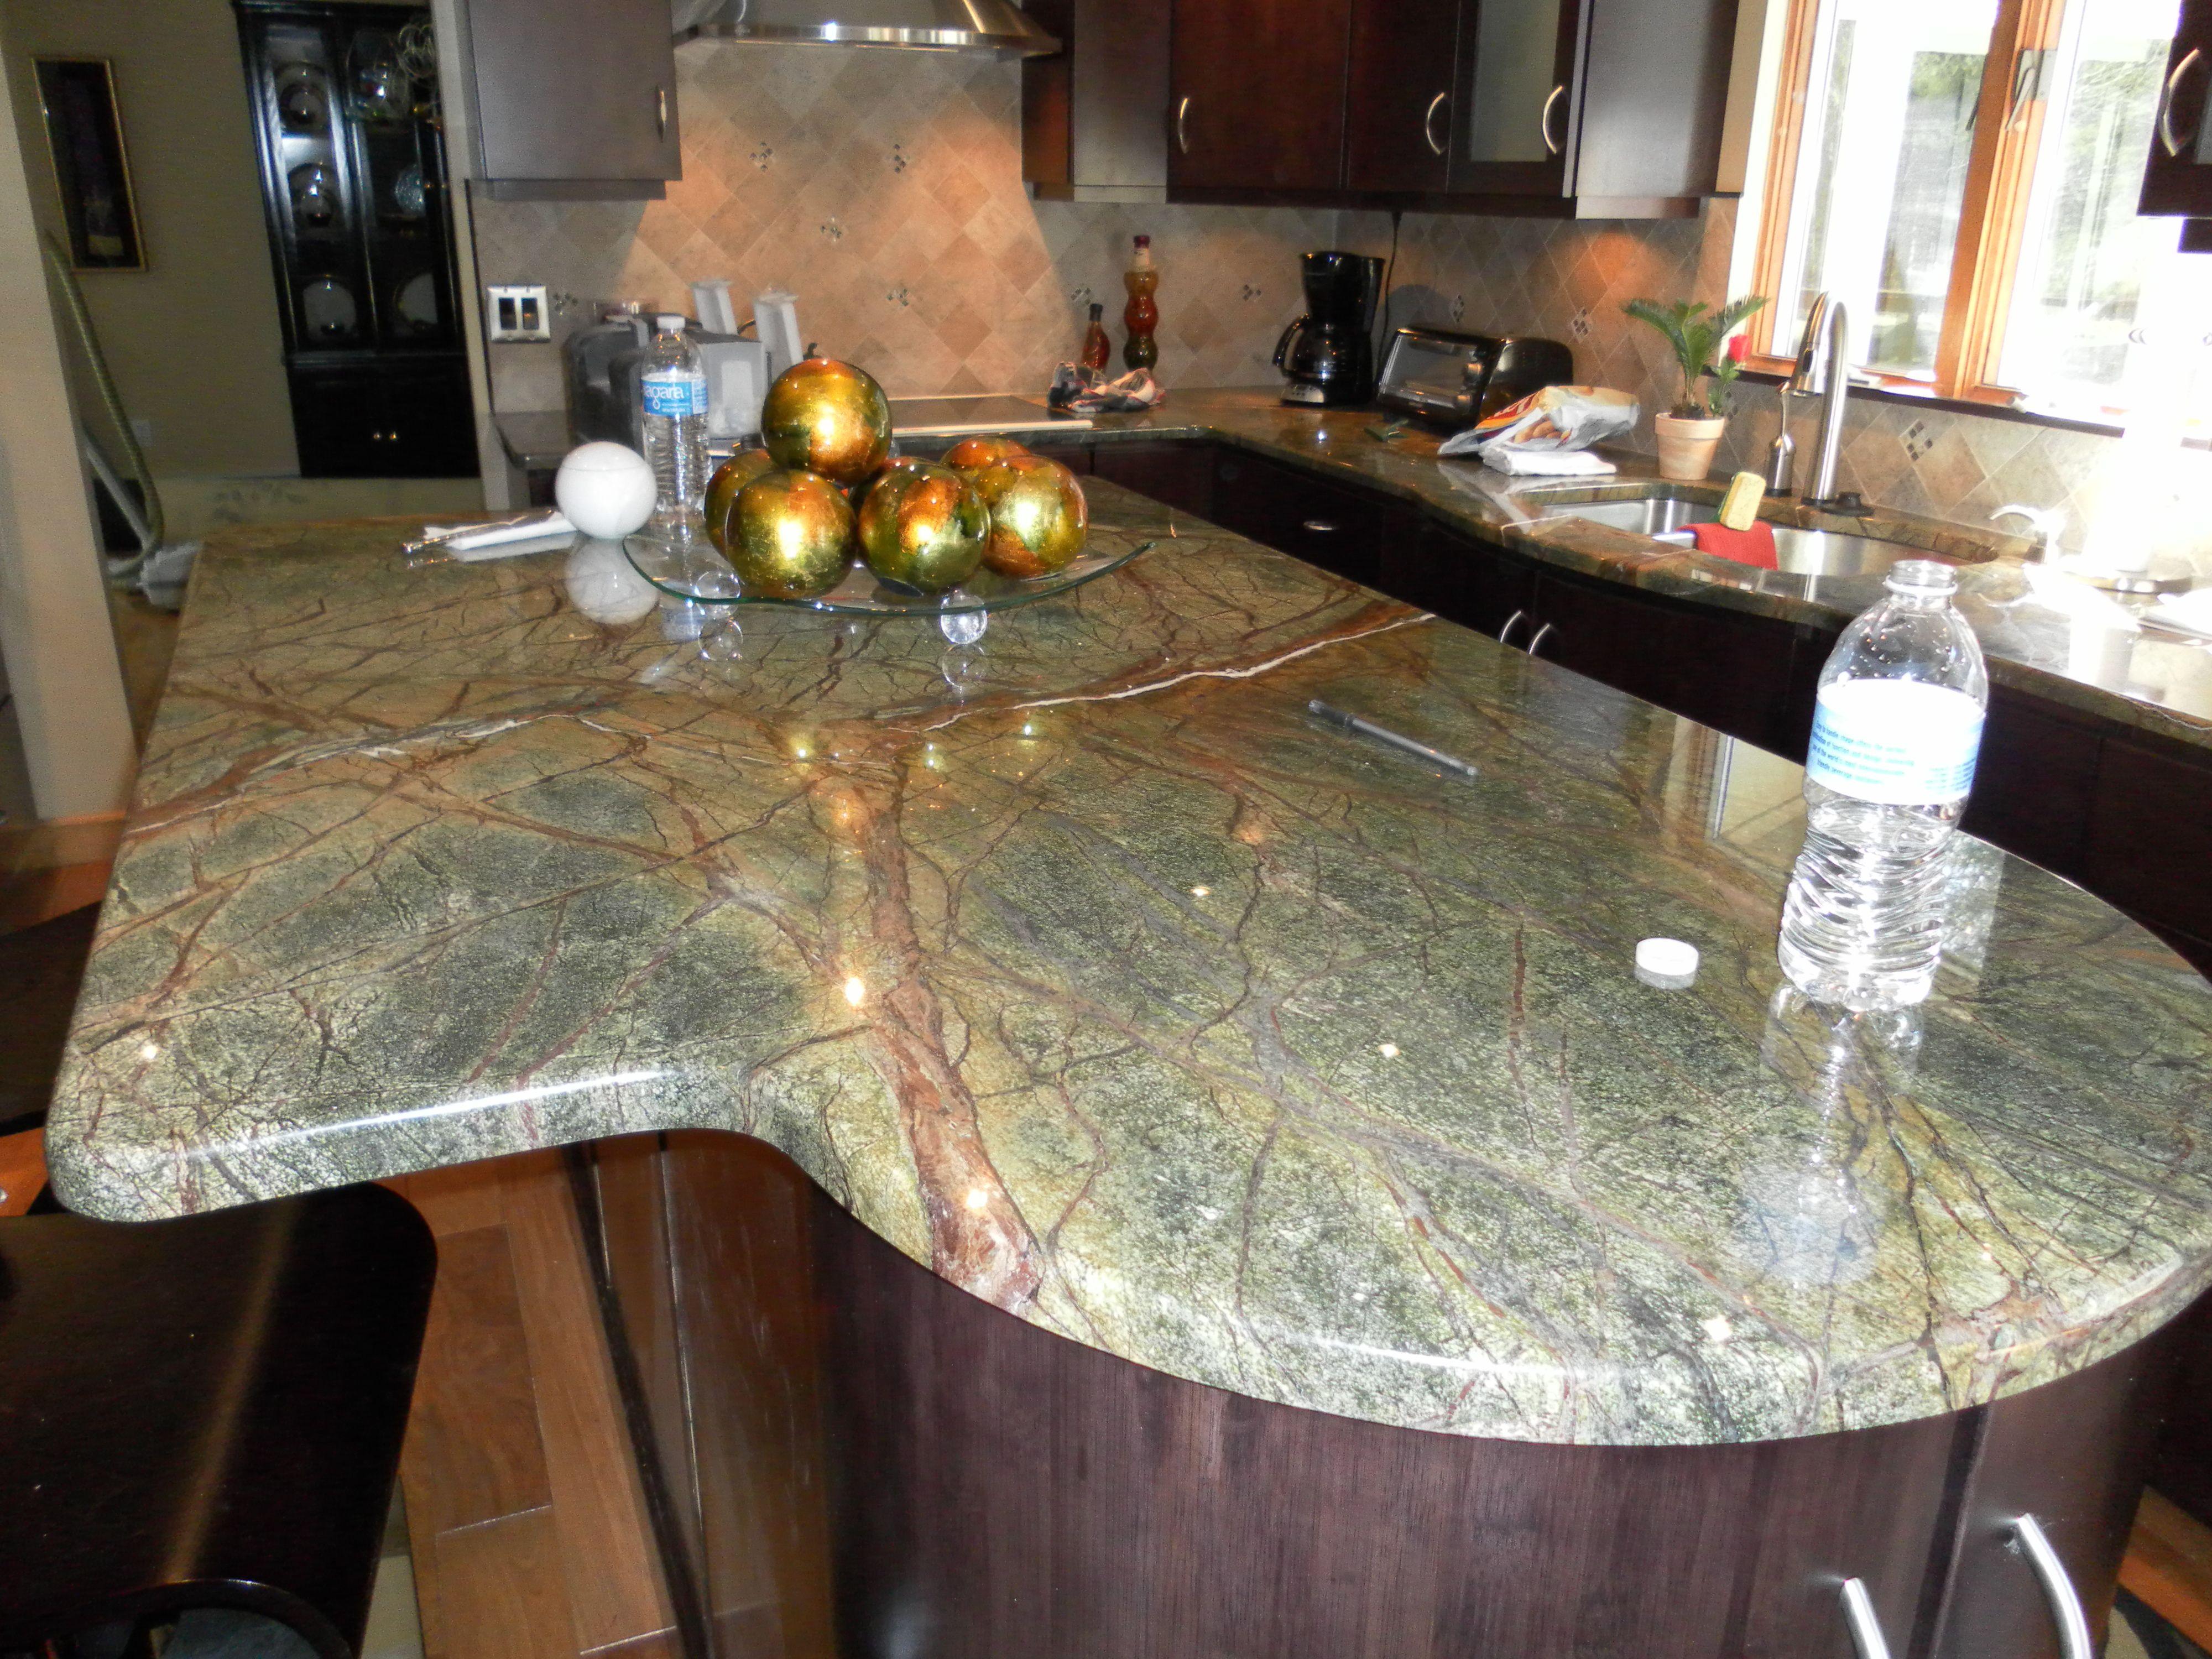 granite green kitchen countertops rainforest green granite Kitchen BarsKitchen IdeasKitchen Countertops RainforestsGranite